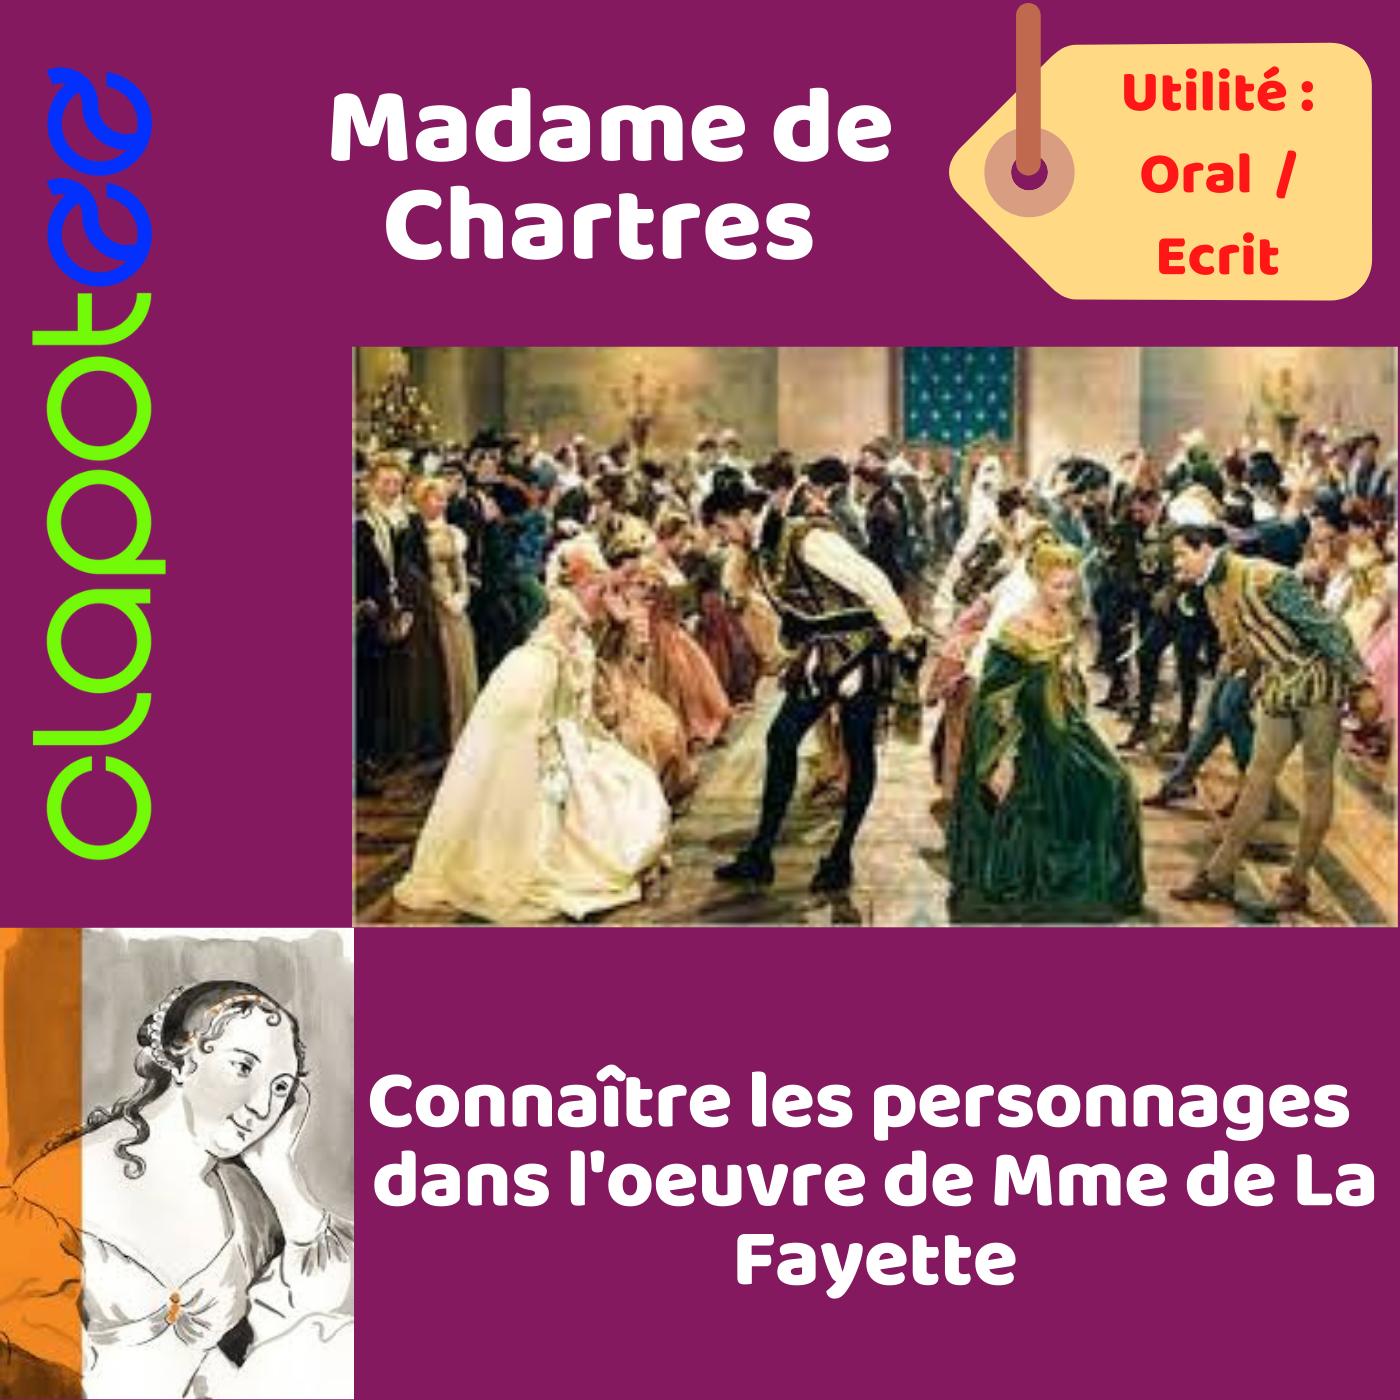 Mme de Chartres dans le roman de Mme de La Fayette.